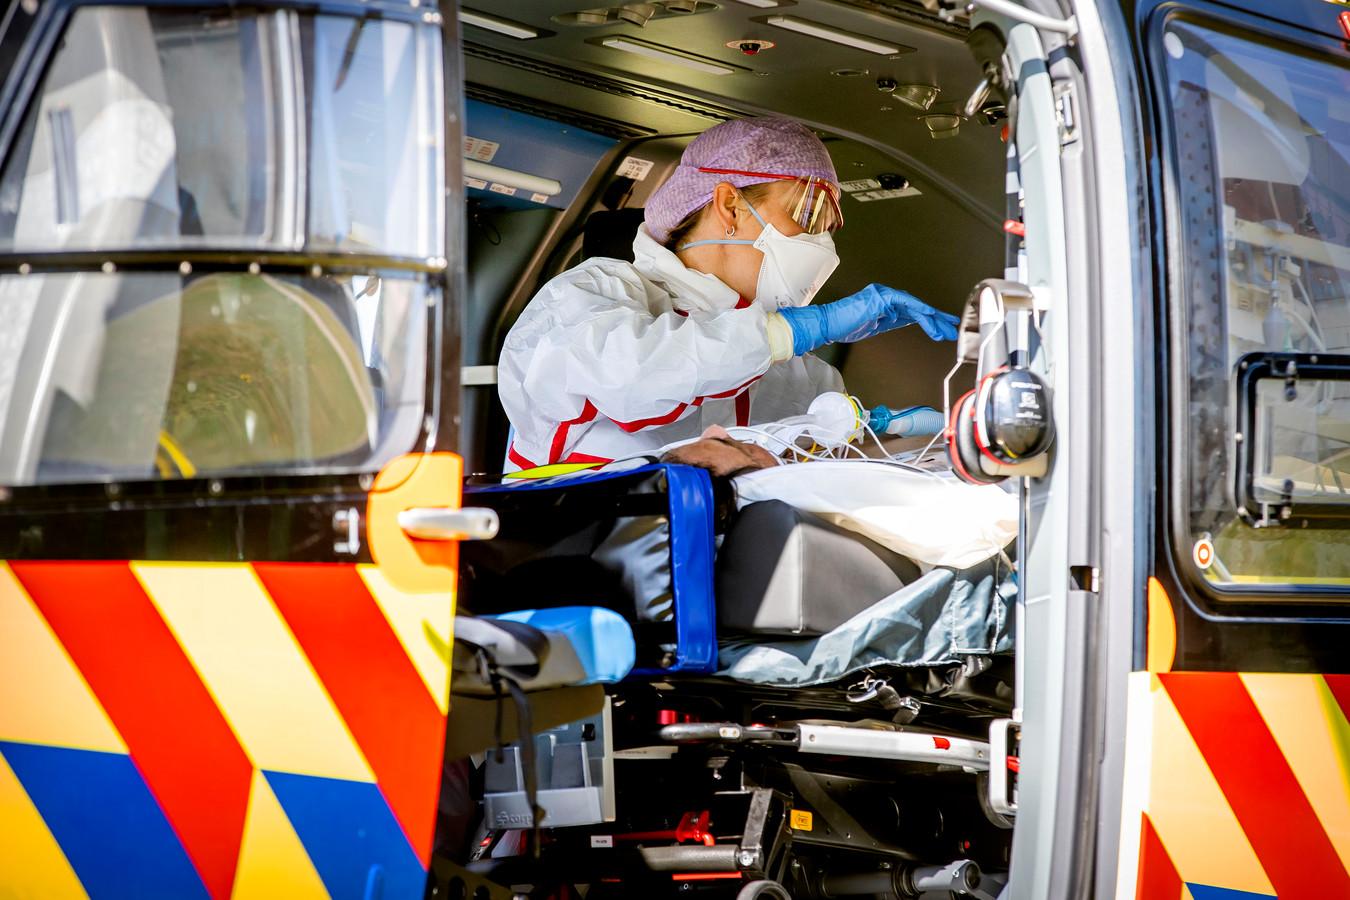 Een coronapatiënt wordt met de Lifeliner 5 verplaats van het ic van het Bernhoven Ziekenhuis in Uden naar het UMCG ziekenhuis in Groningen.